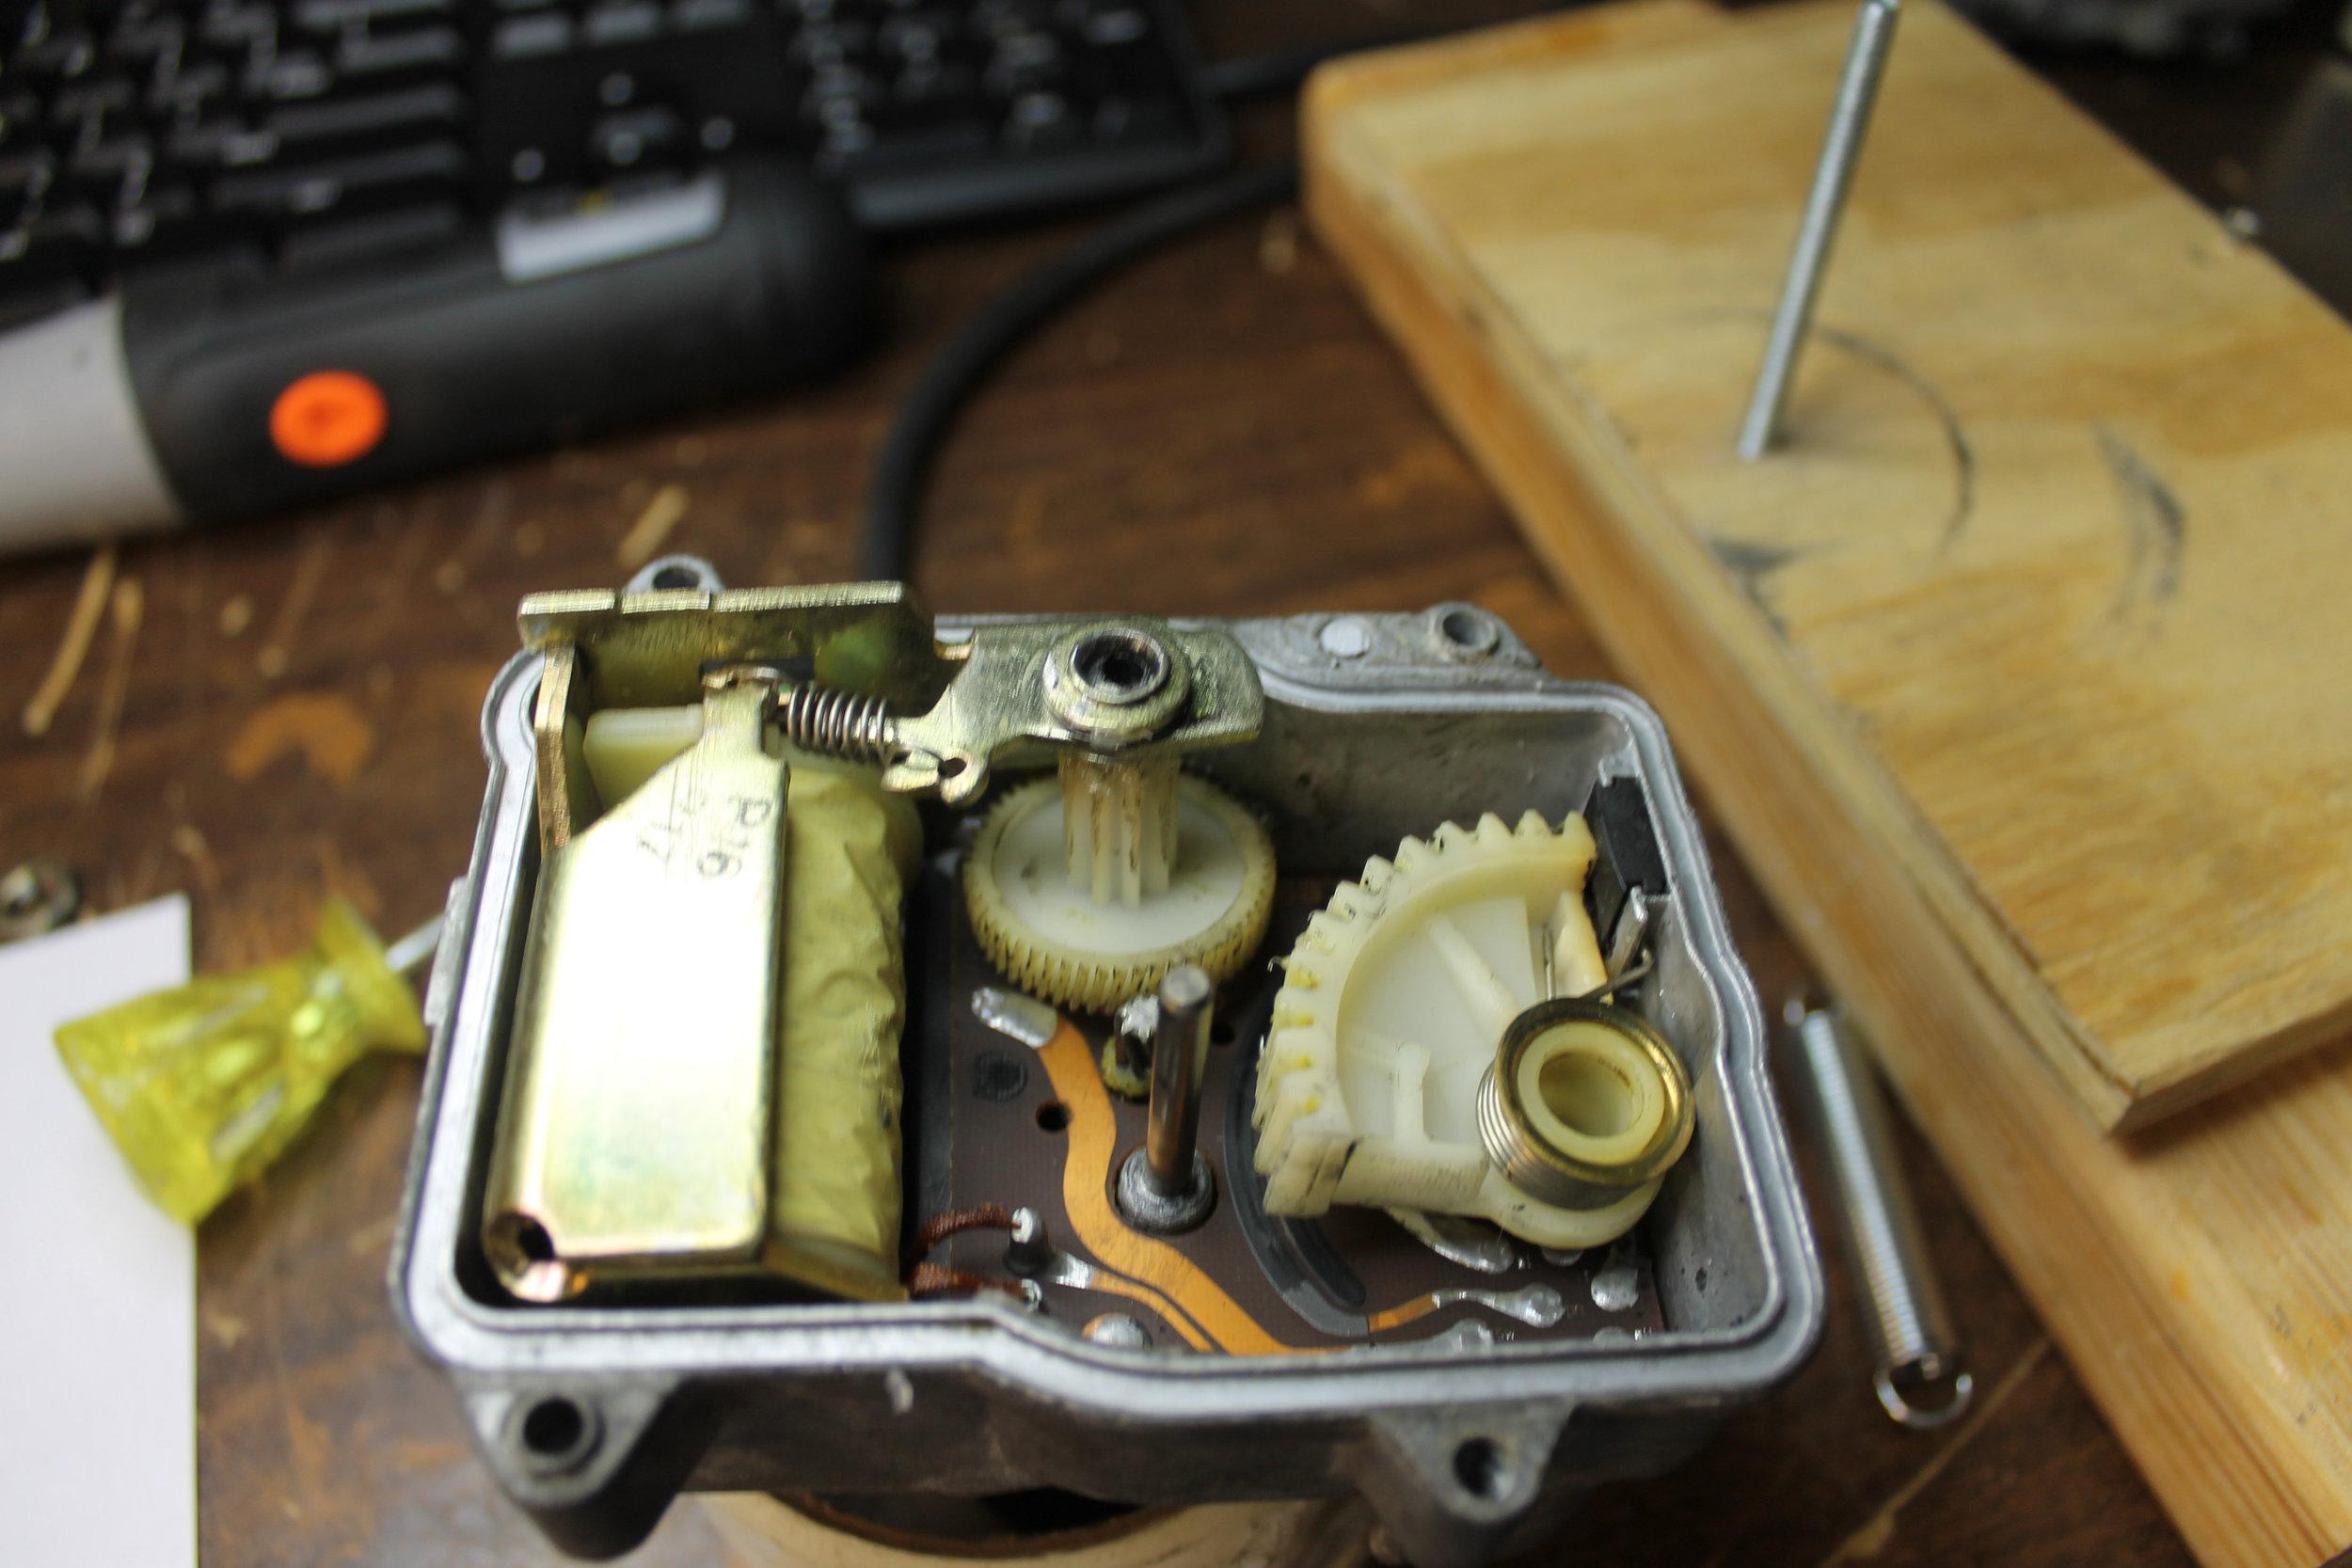 Actuator - Drive Gear & Arm Gear